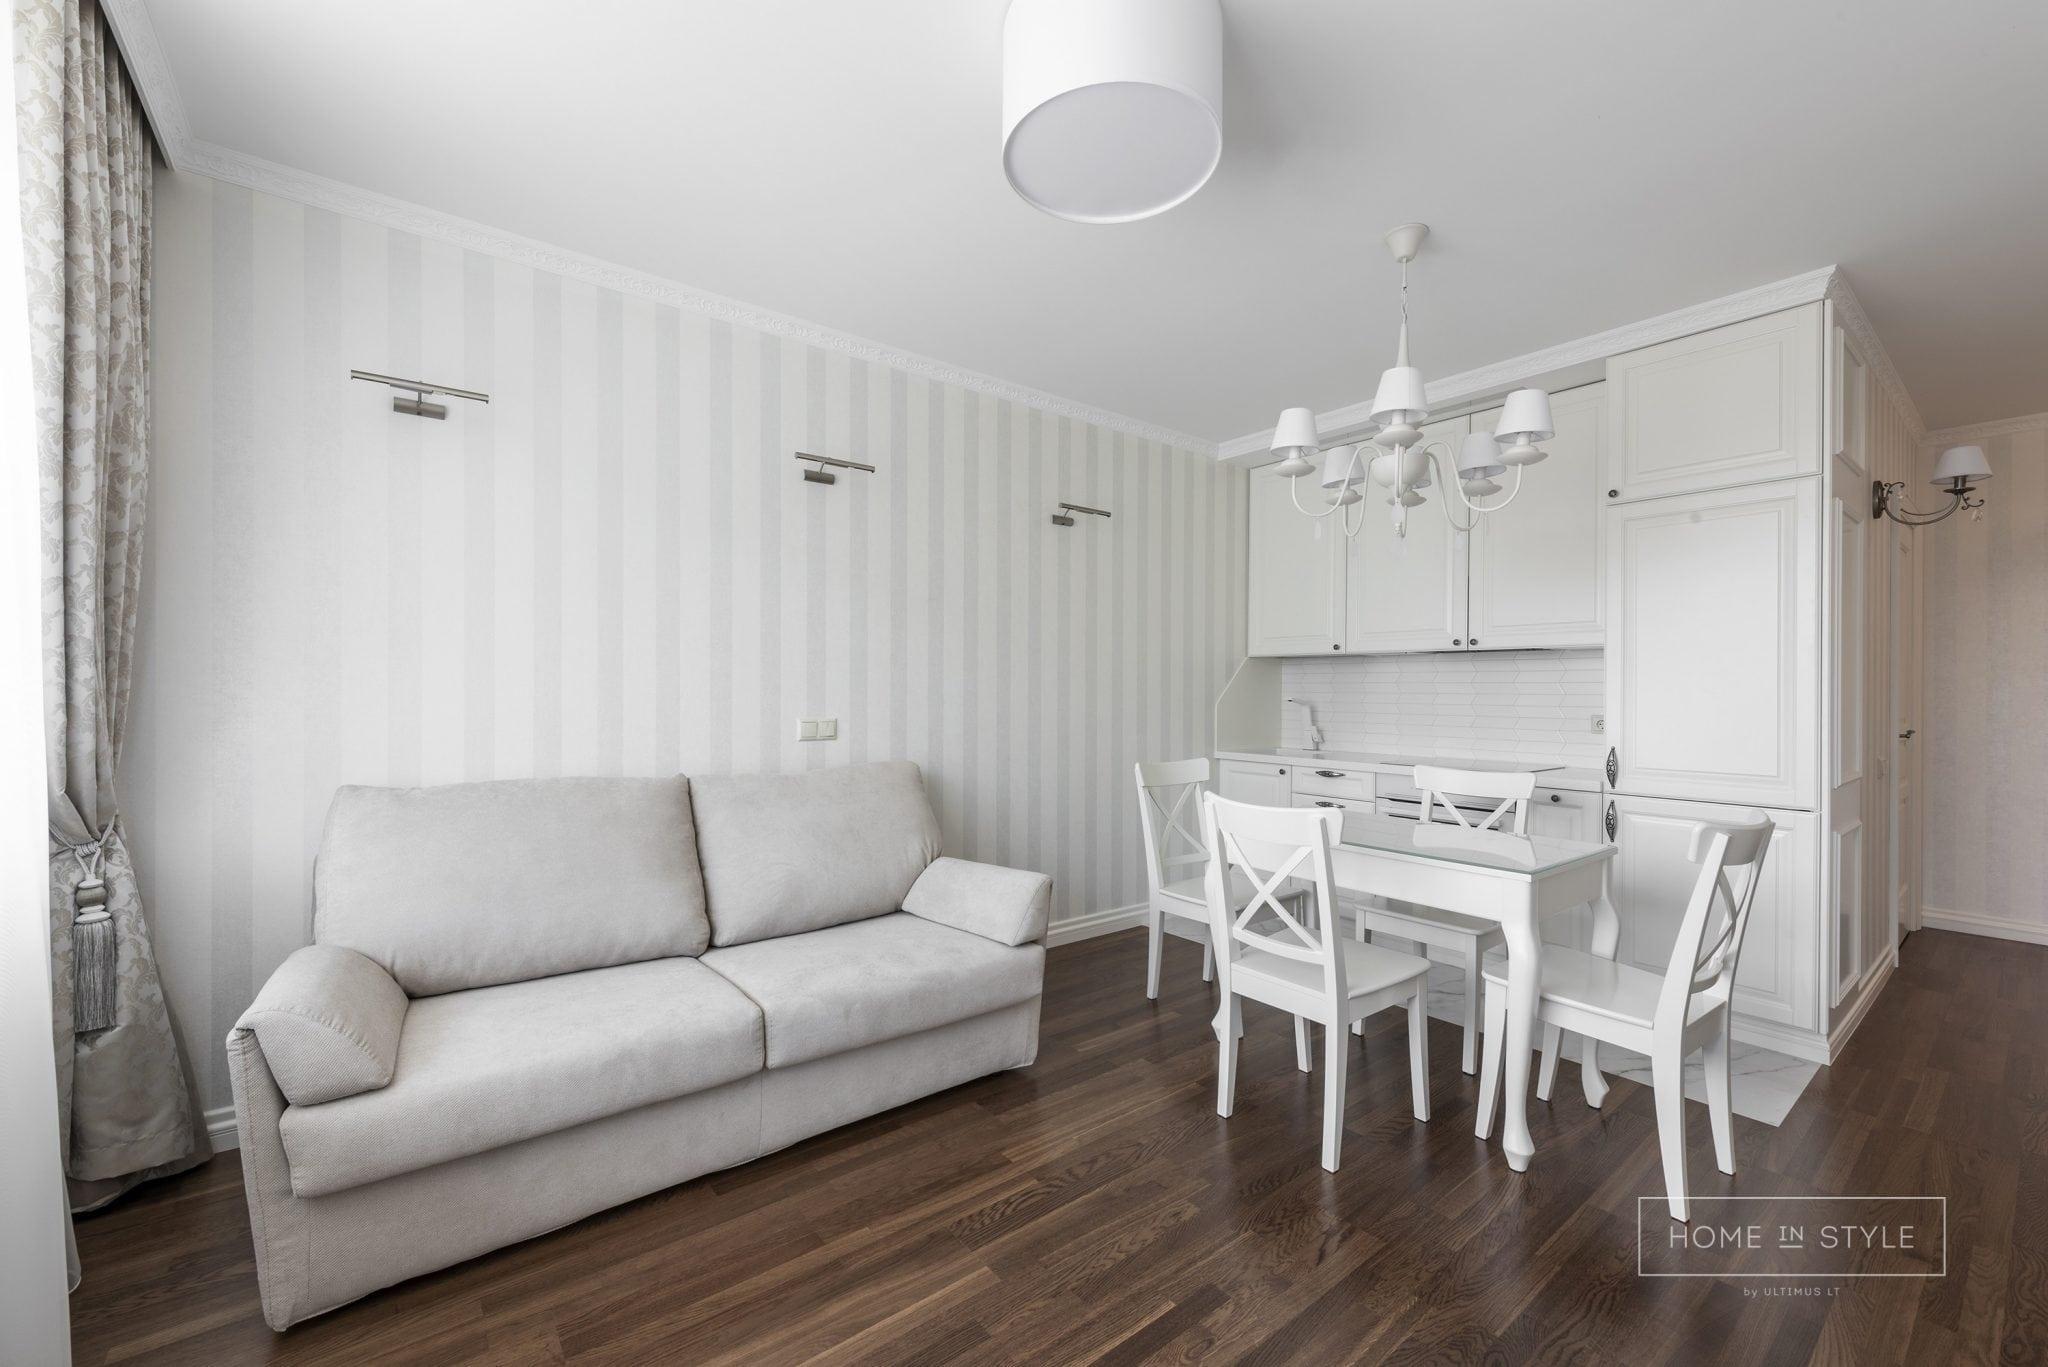 Klasikinis interjeras virtuves ir svetaines baldu gamyba projektas